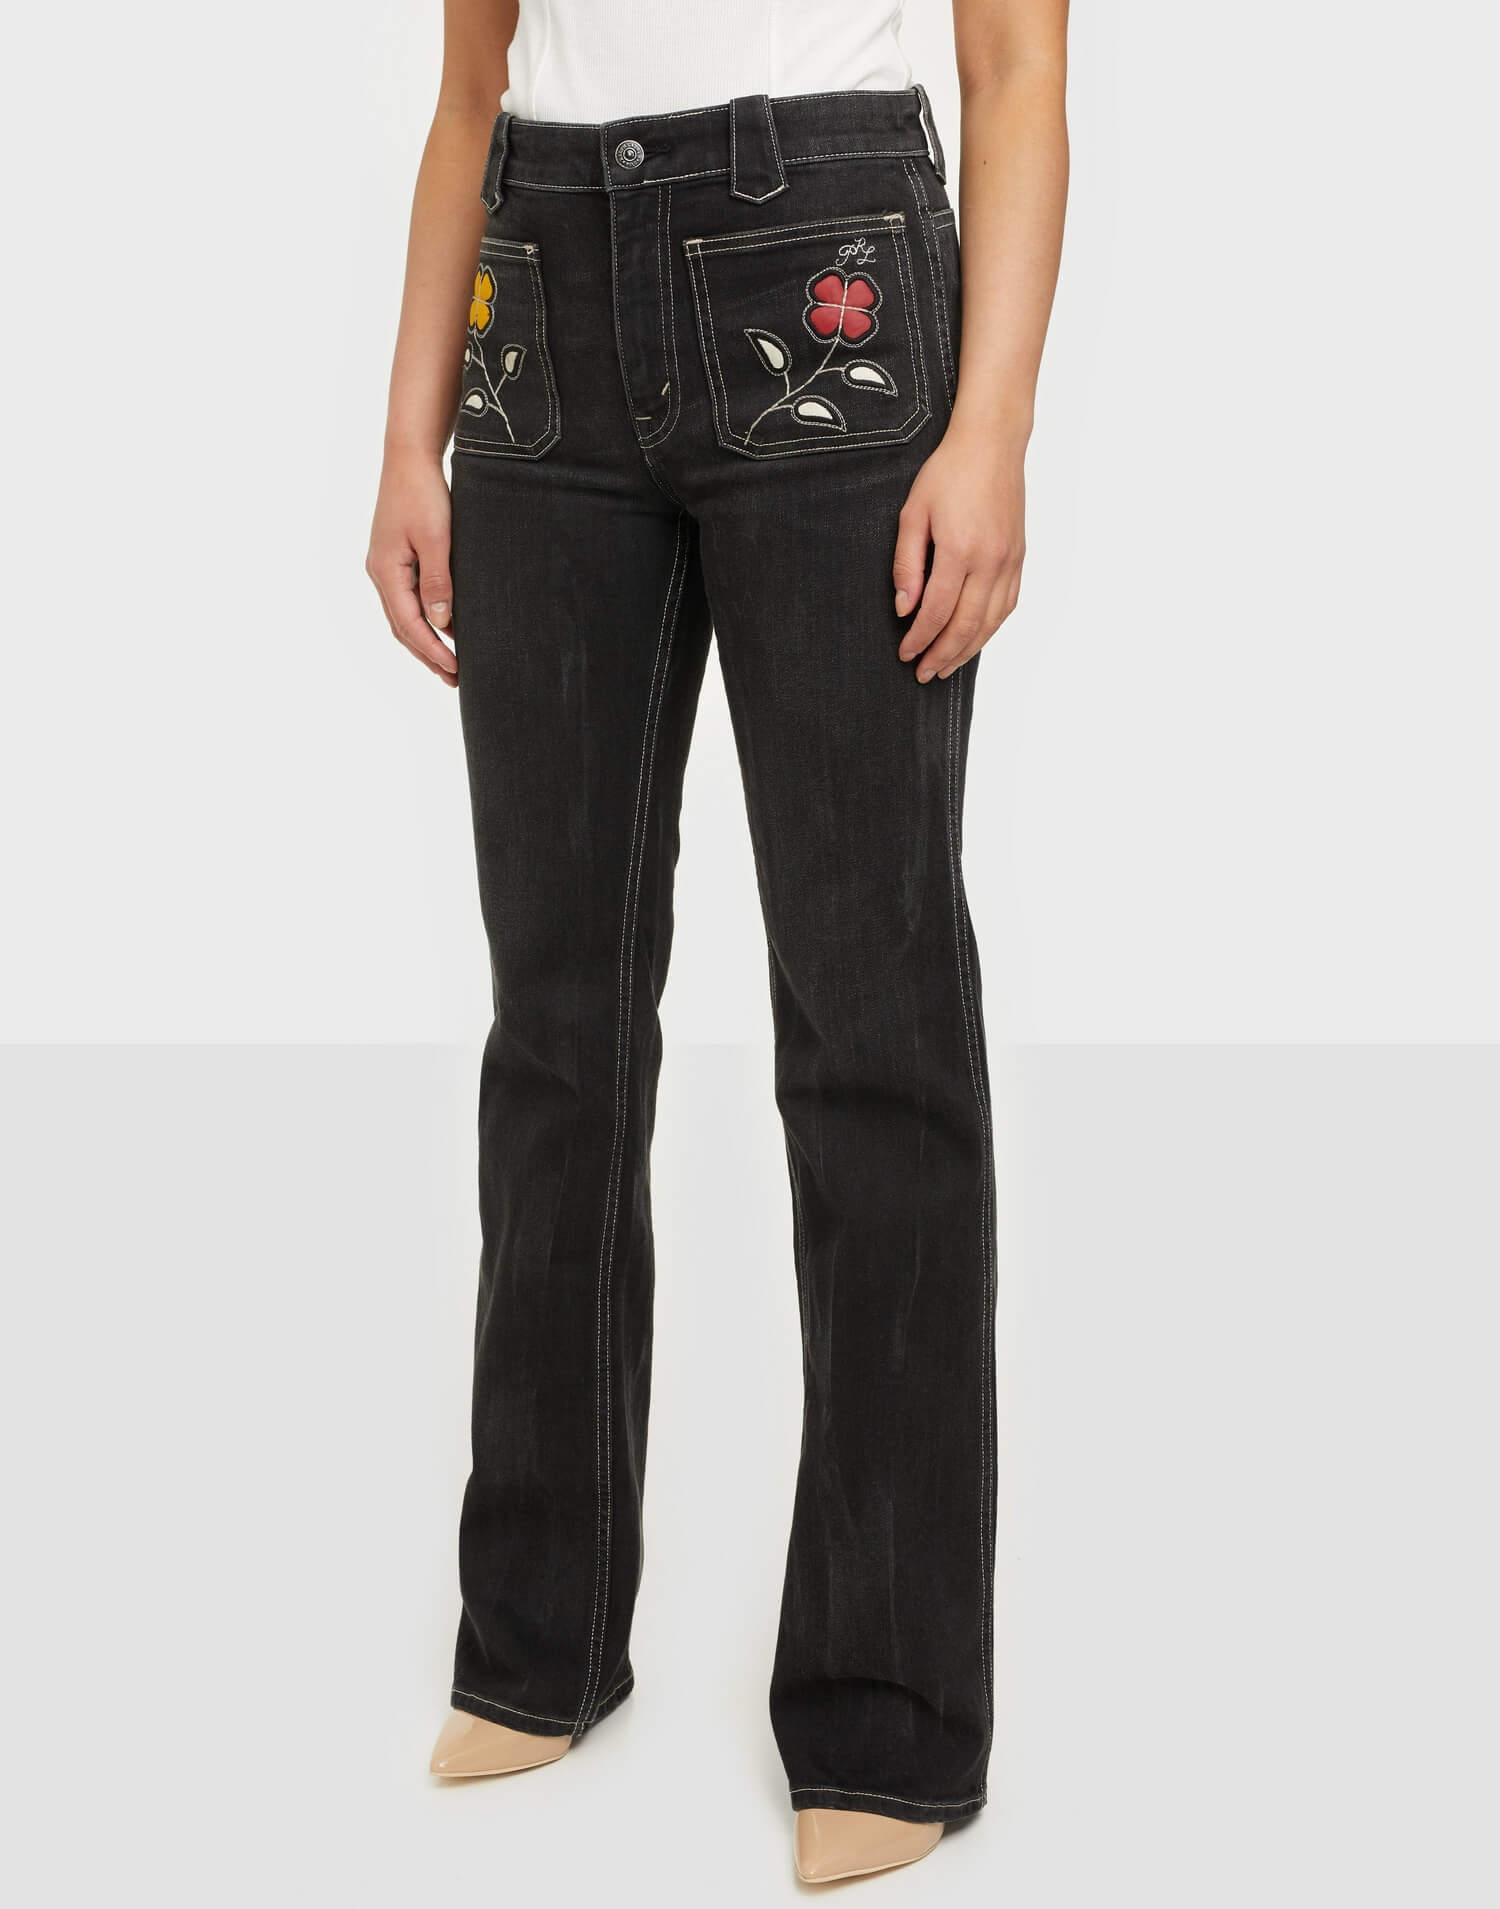 Snygga, detaljerade jeans från Polo Ralph Lauren.